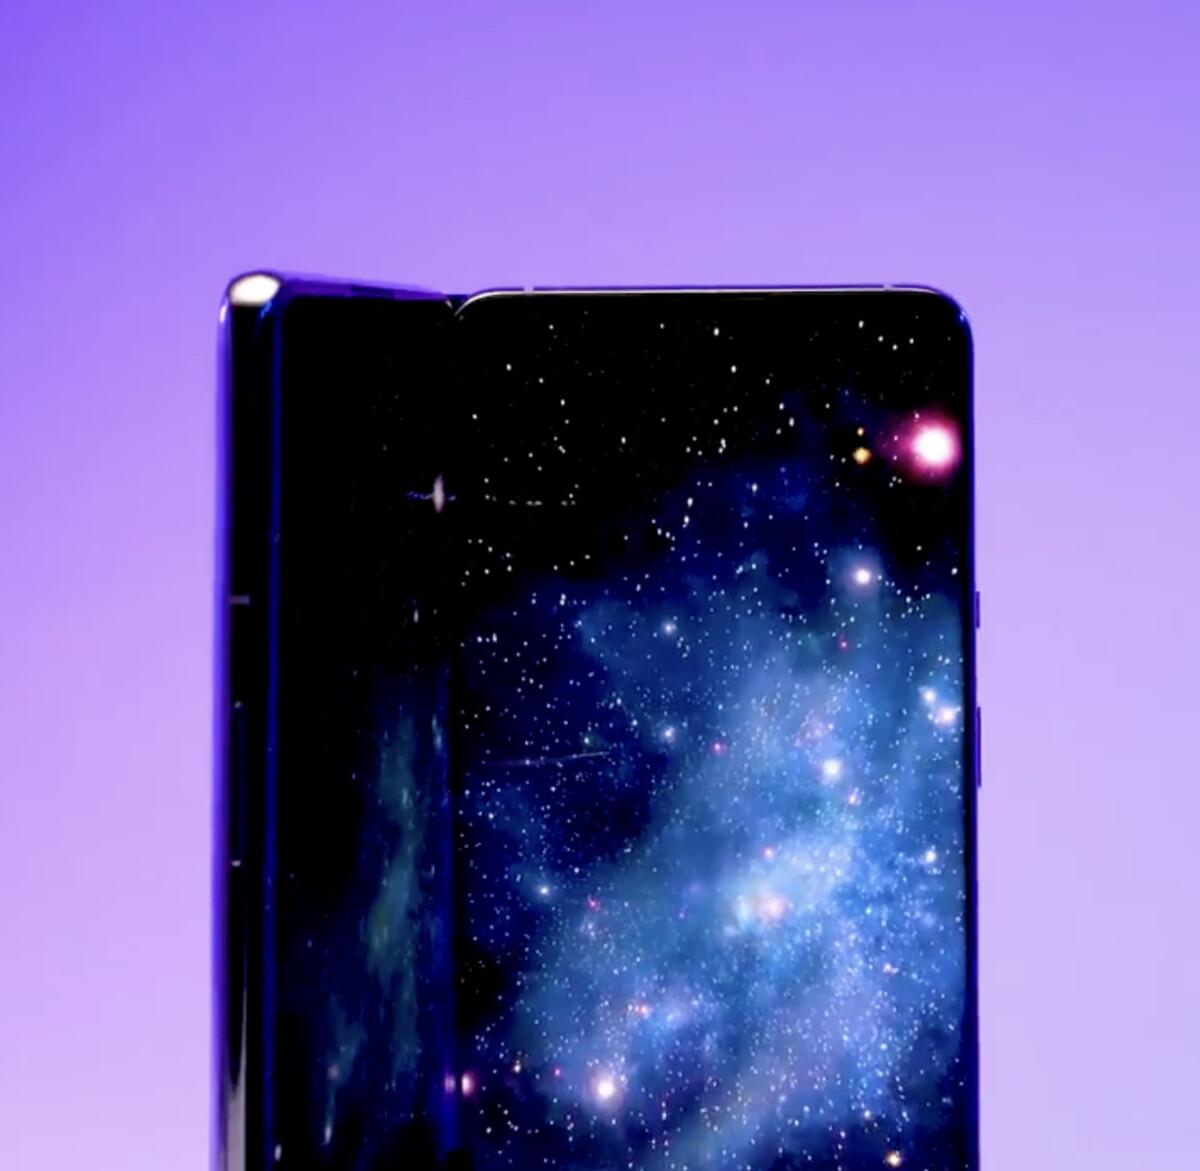 OnePlus n'a pas de smartphone à deux écrans, c'était une blague